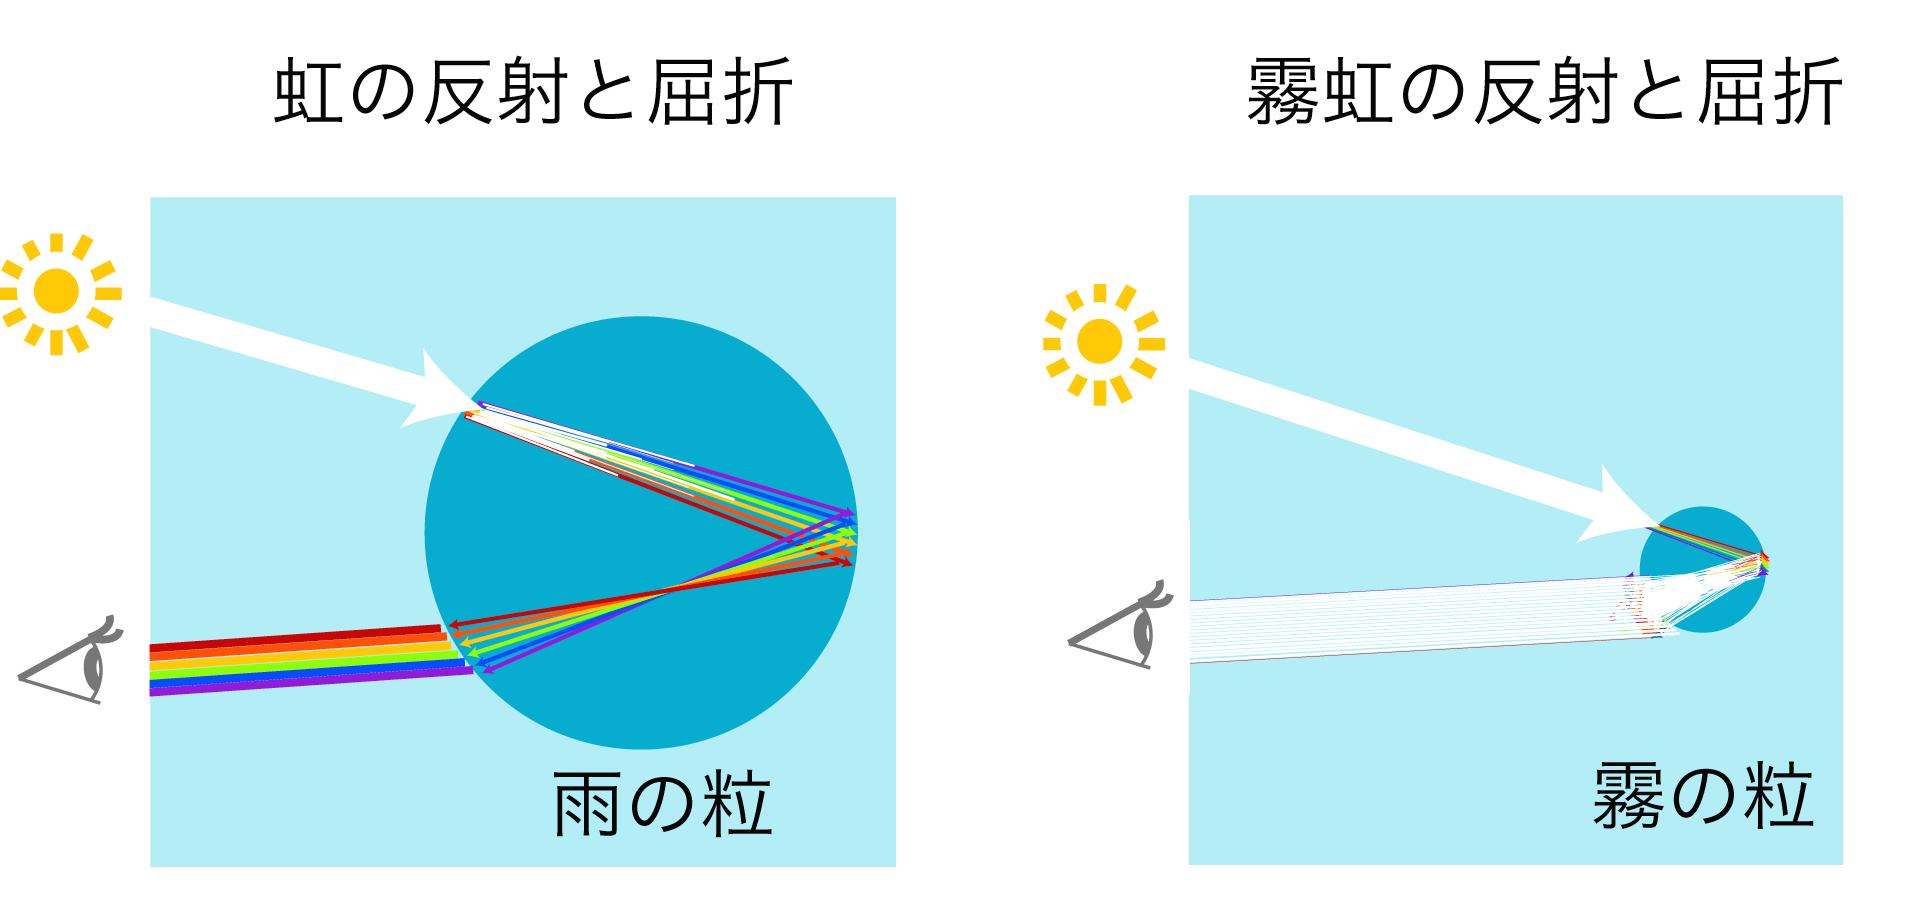 虹と霧虹の違い